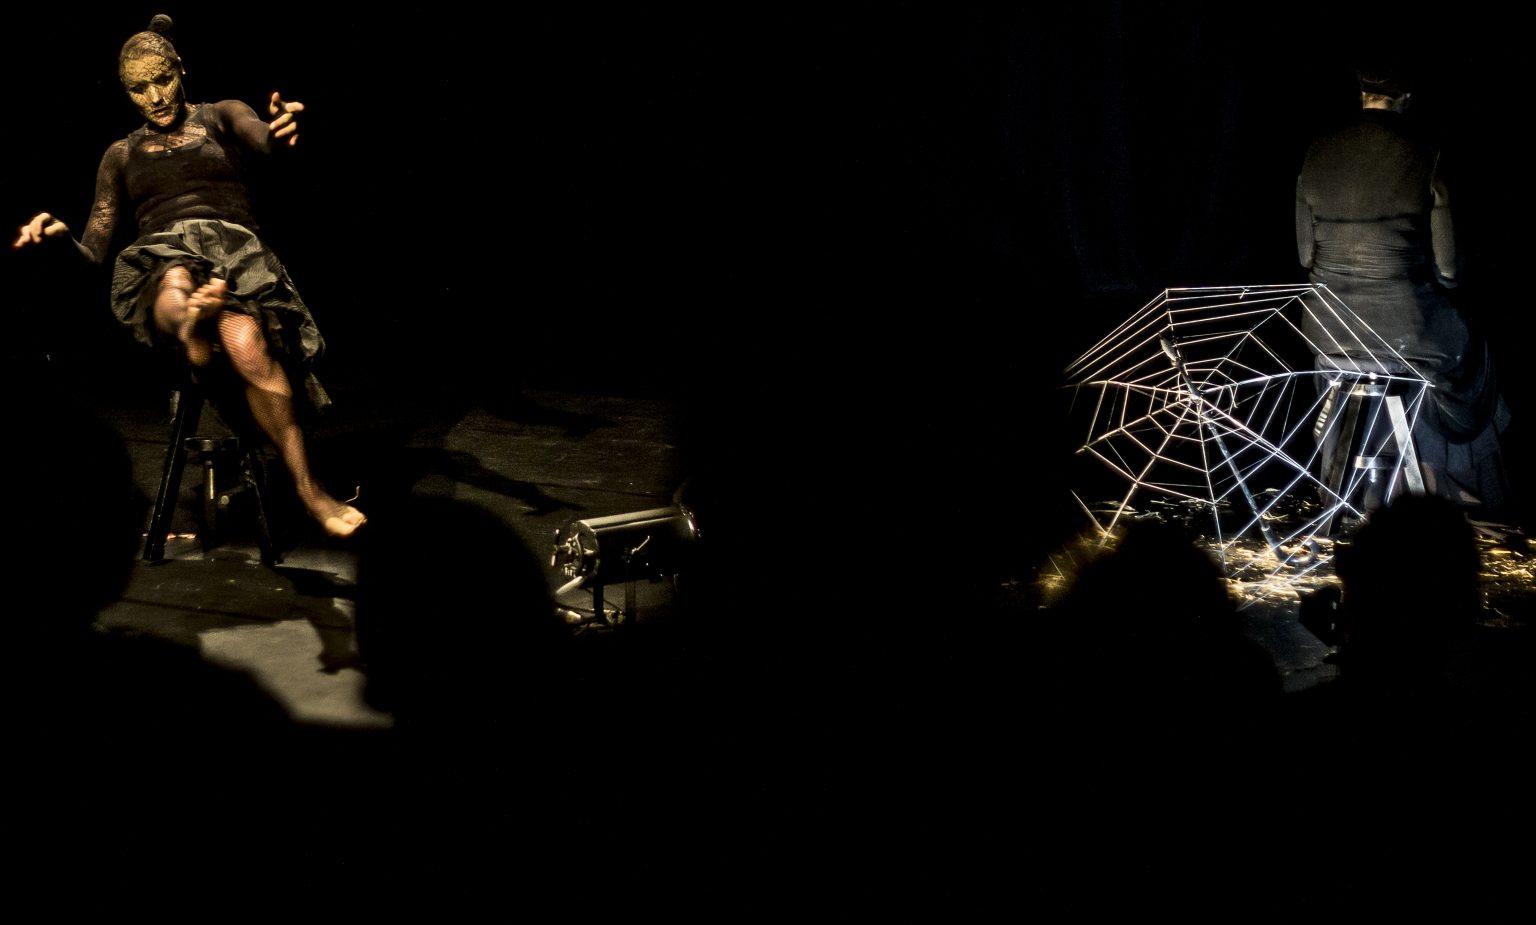 Szenenfoto: Spinnlein Spinnlein an der Wand